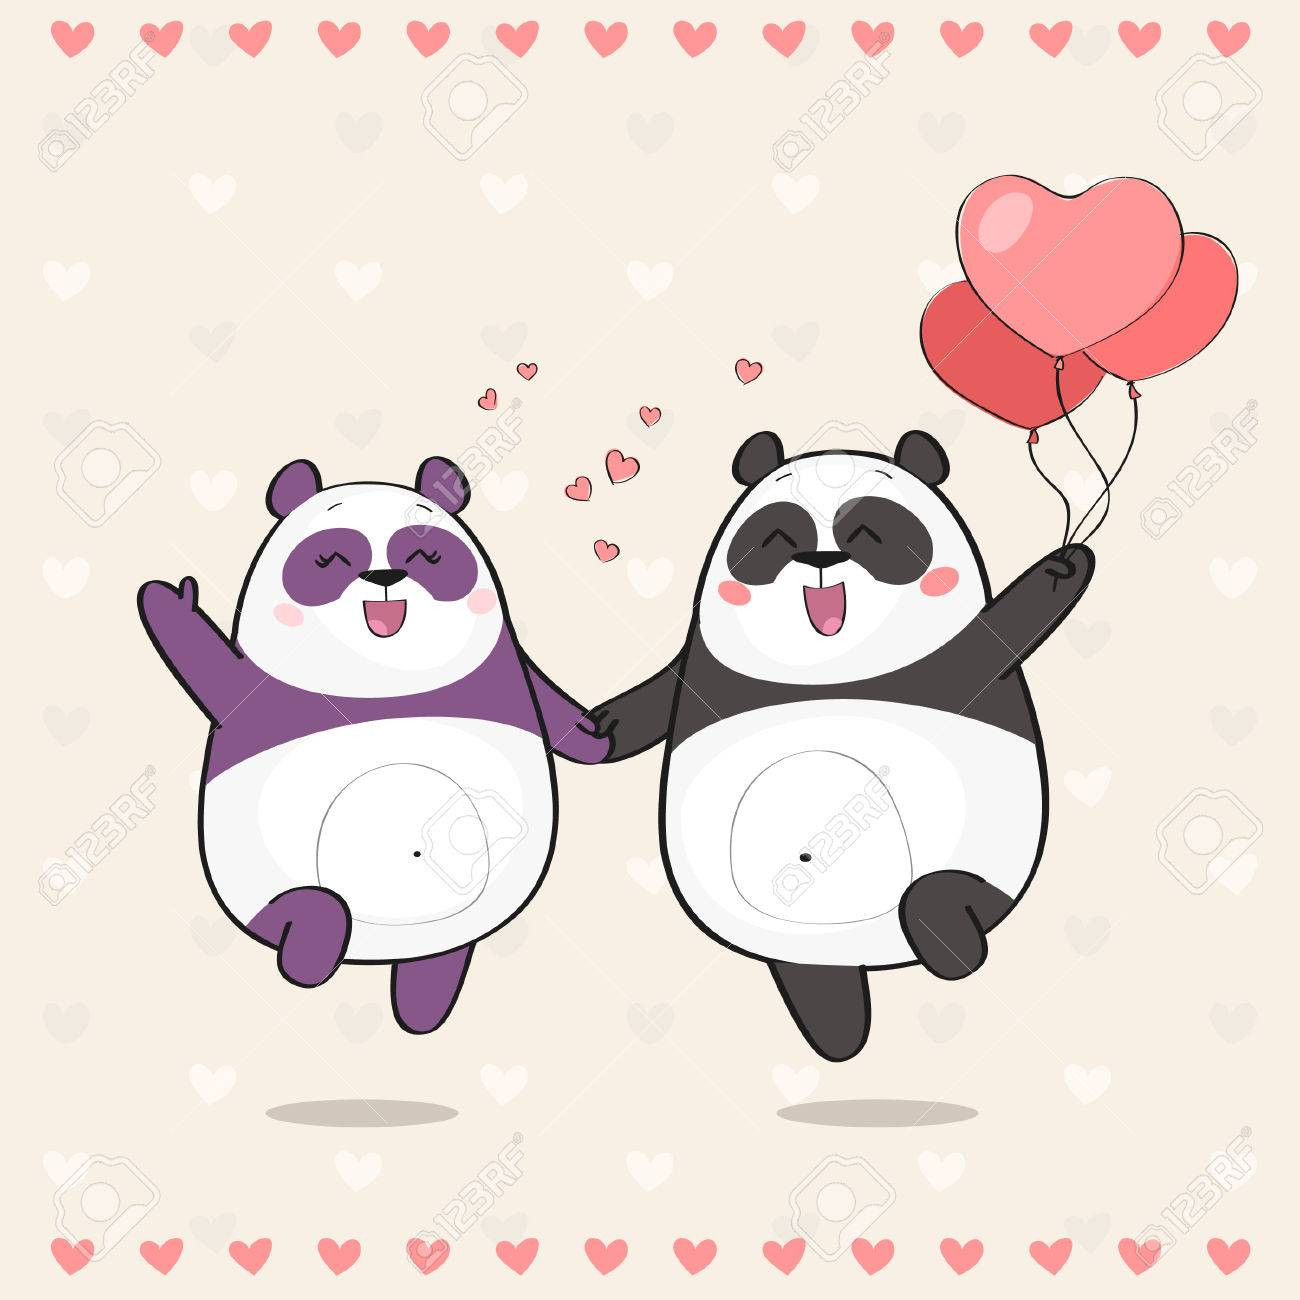 Cute Par De Pandas En El Amor Tarjeta Feliz Del Dia De Tarjetas